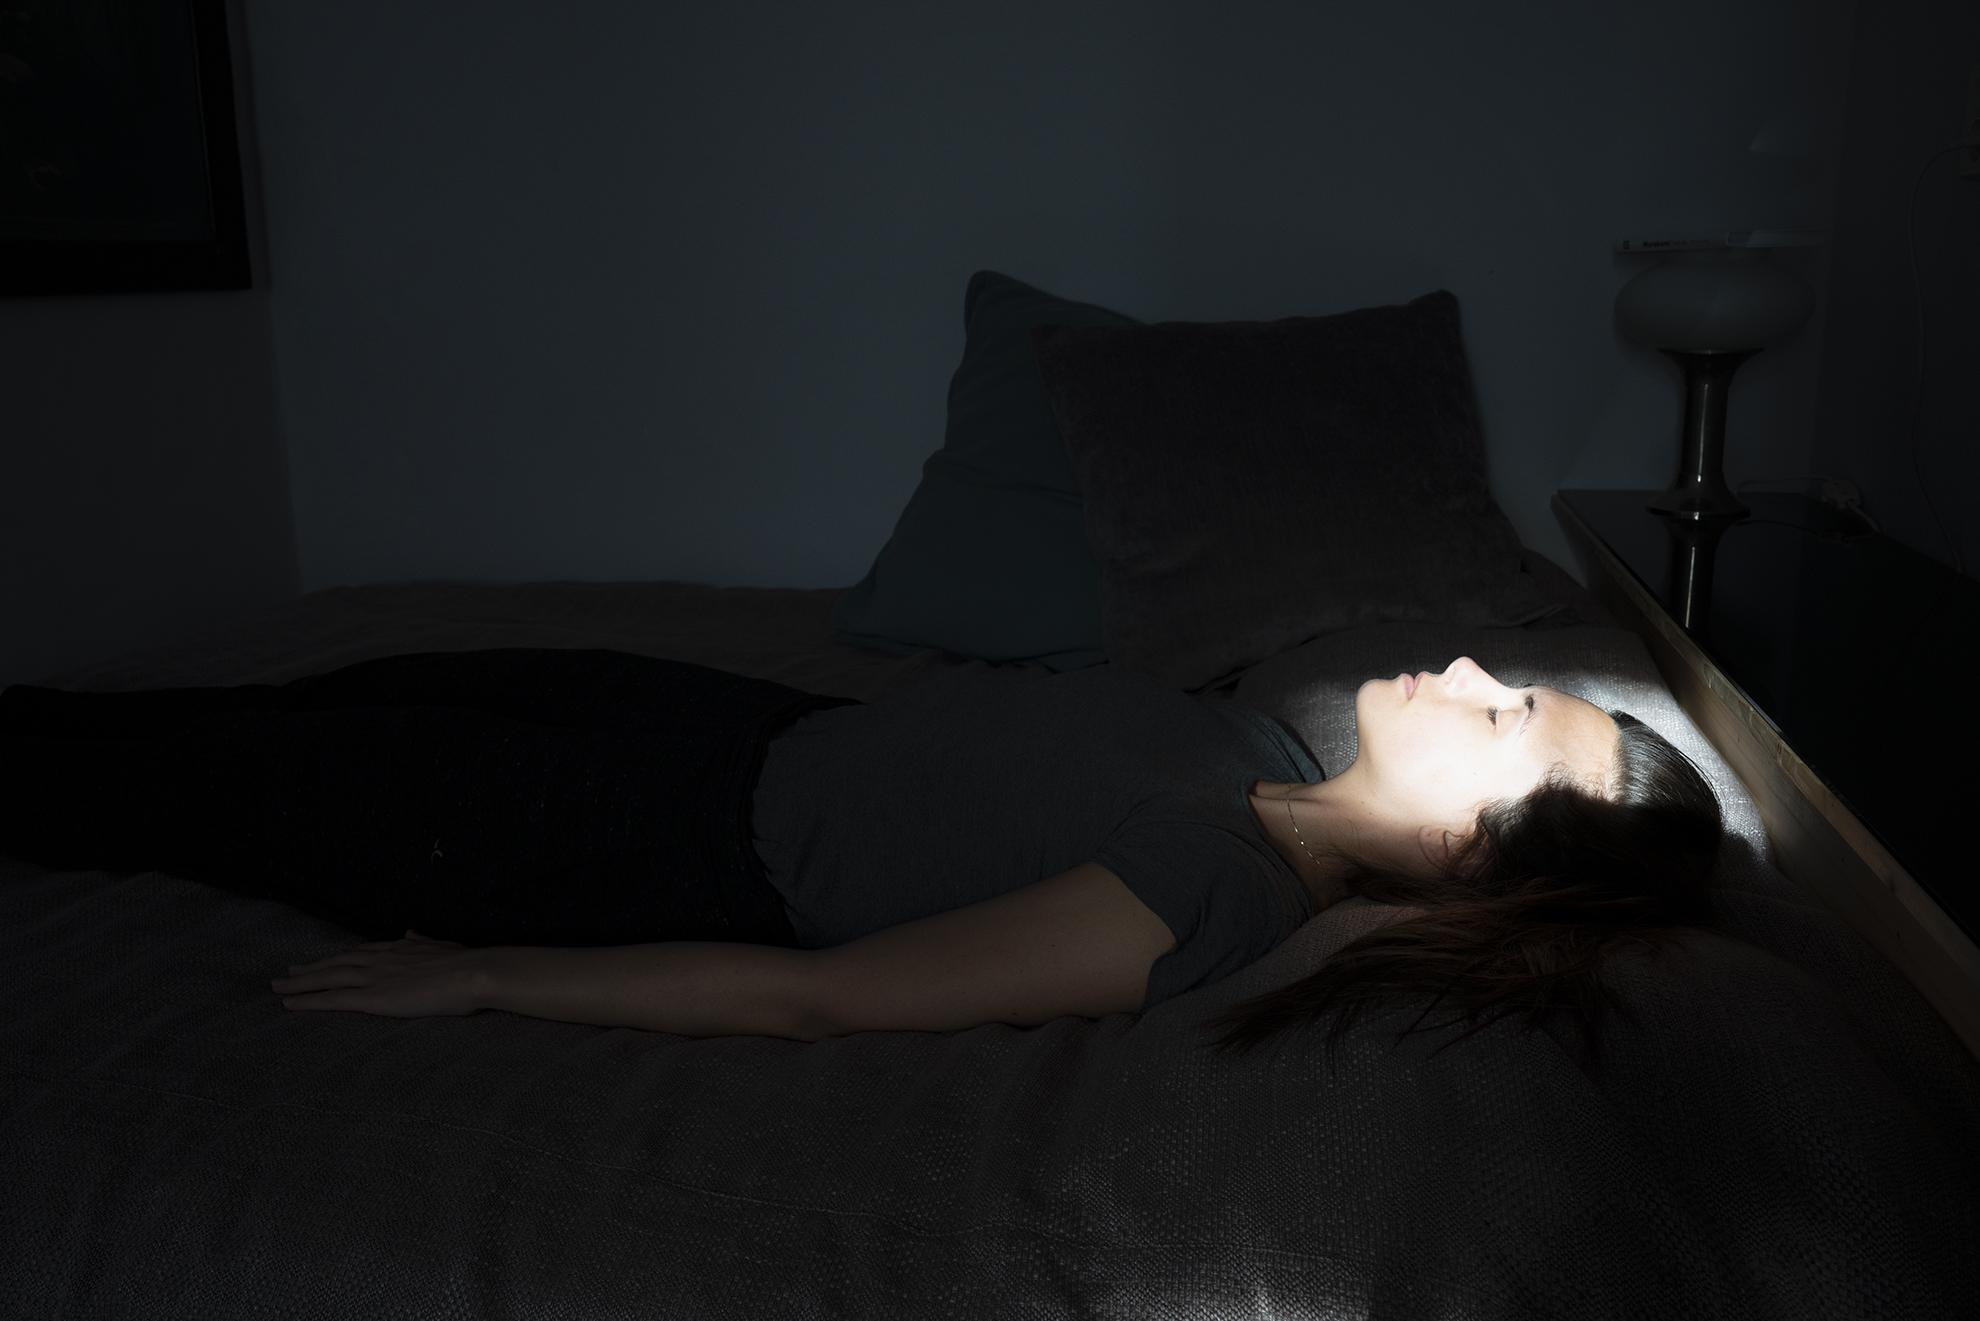 Hodosy Enikő: részlet az Elérhető fény című sorozatból, 2020, barryt, gyclée print 40x60 cm © Hodosy Enikő